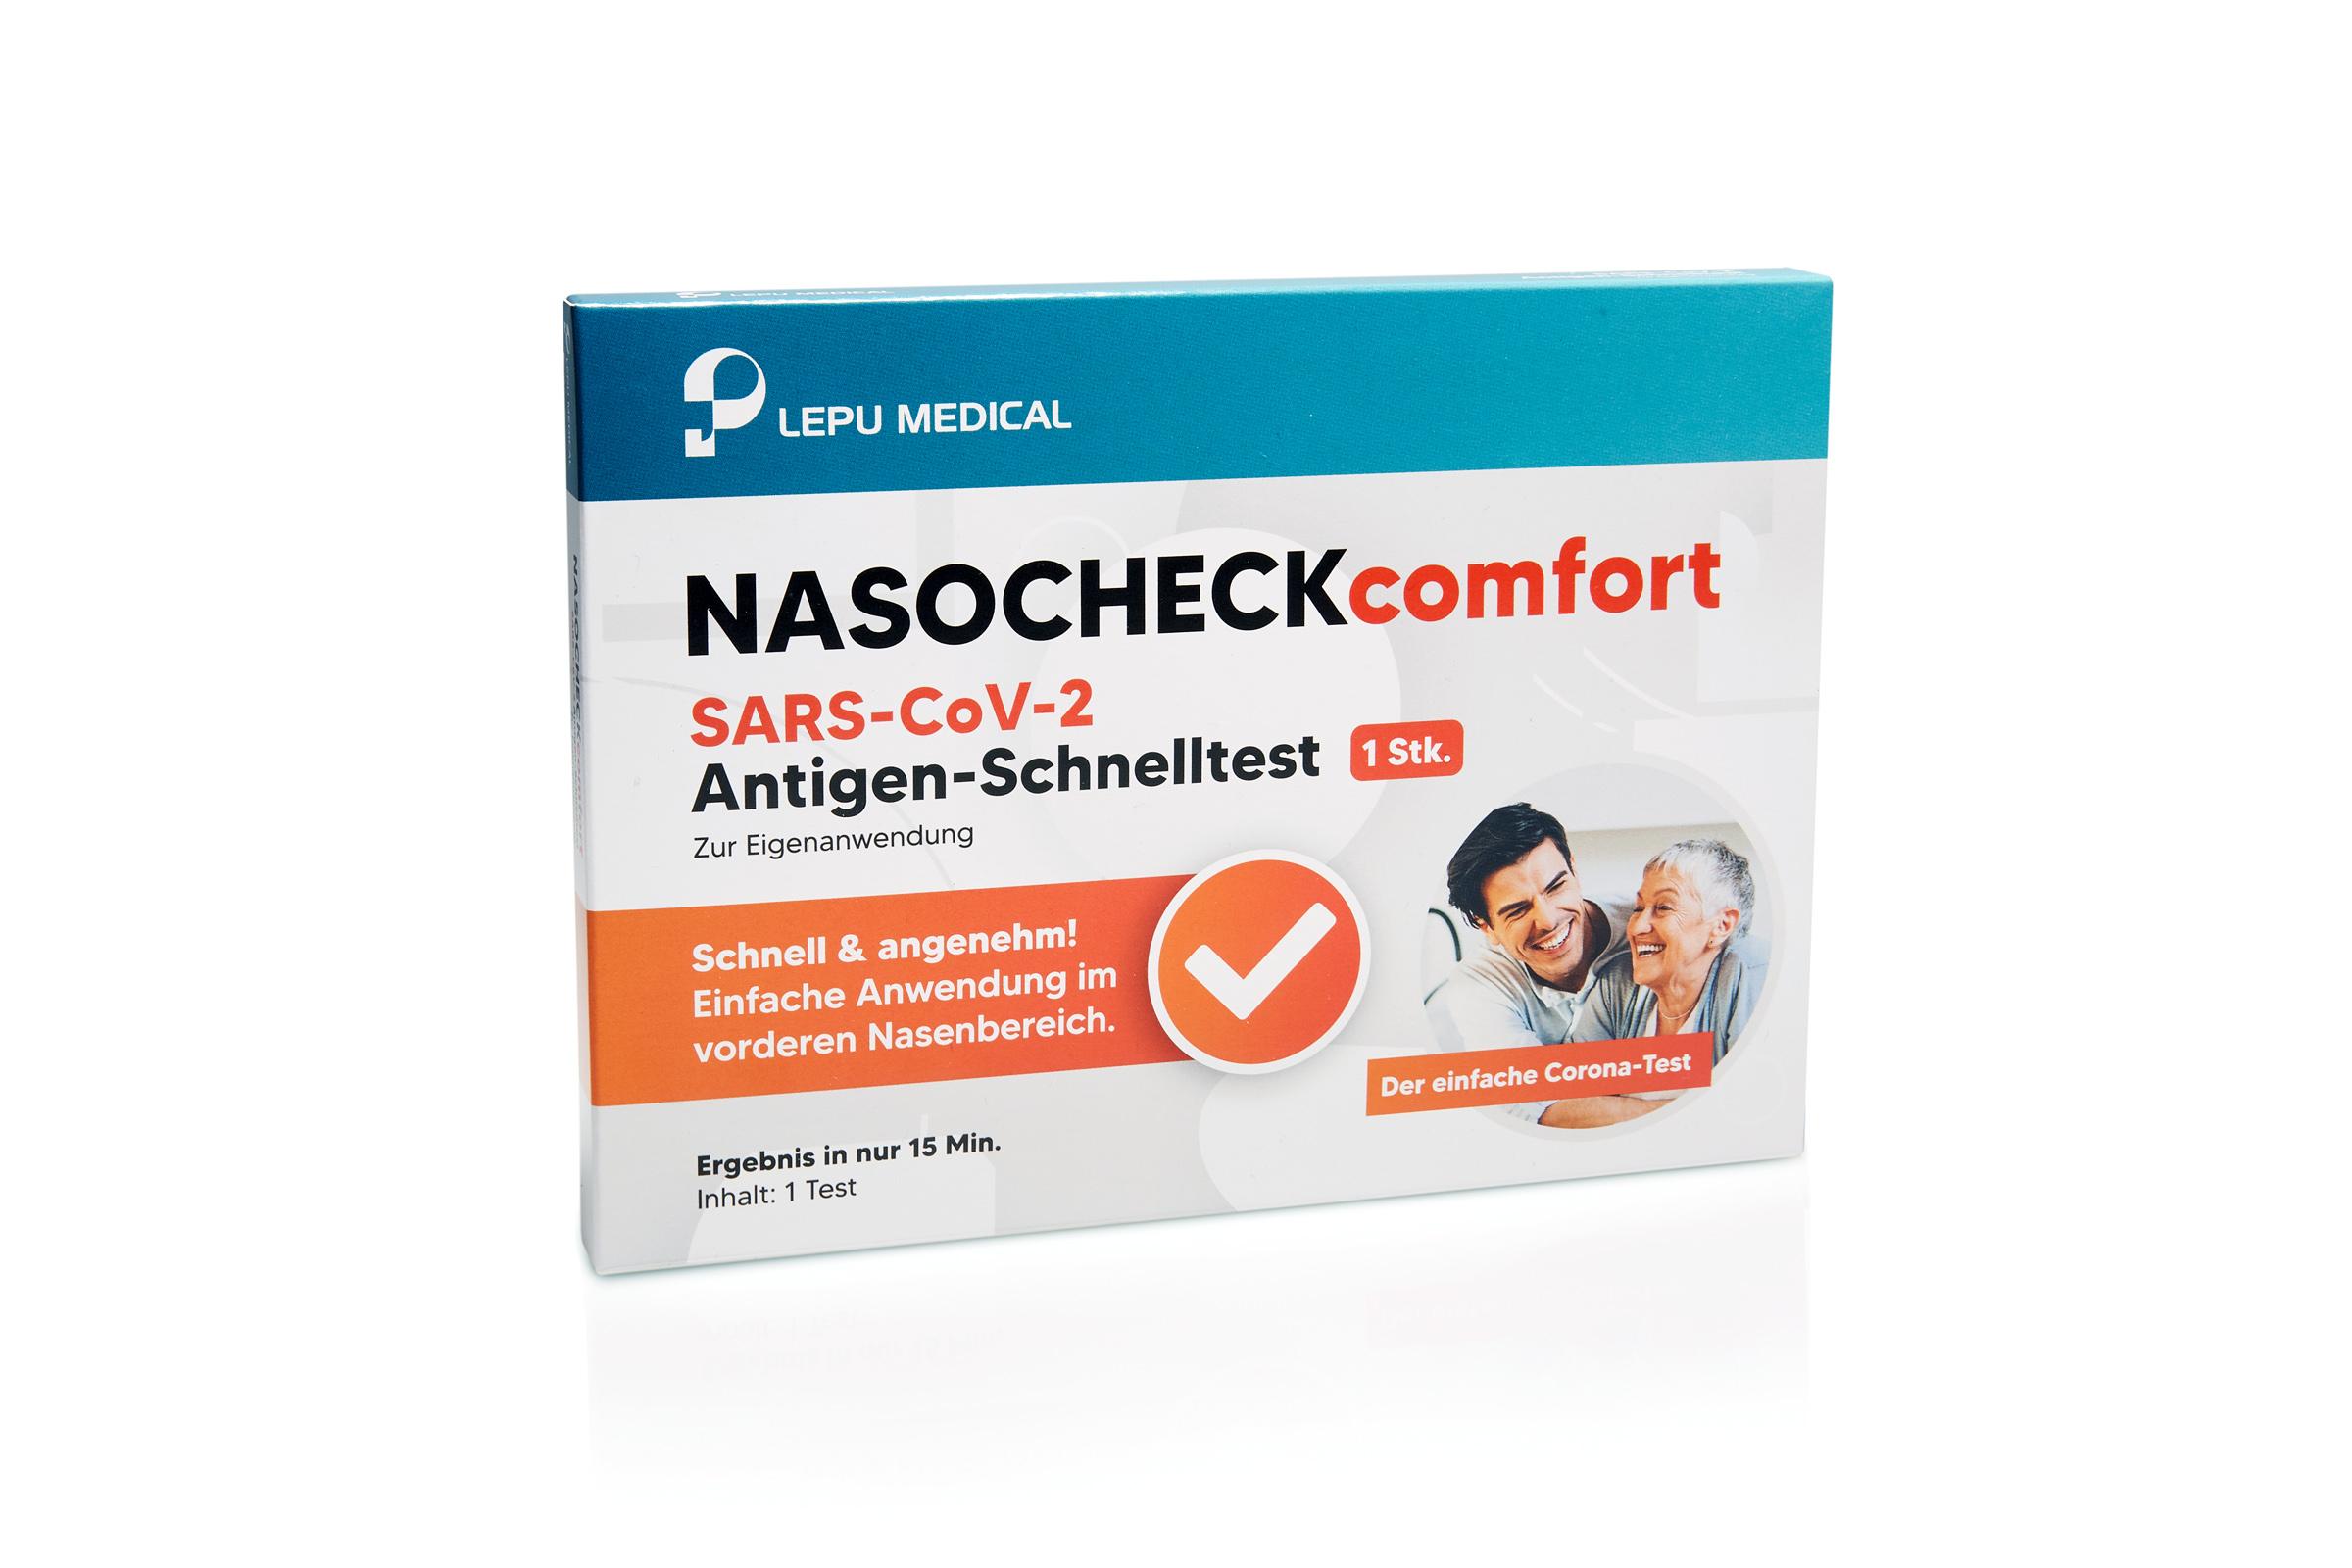 Schnelltest NASOCHECKcomfort Covid Selbsttest/Laientest